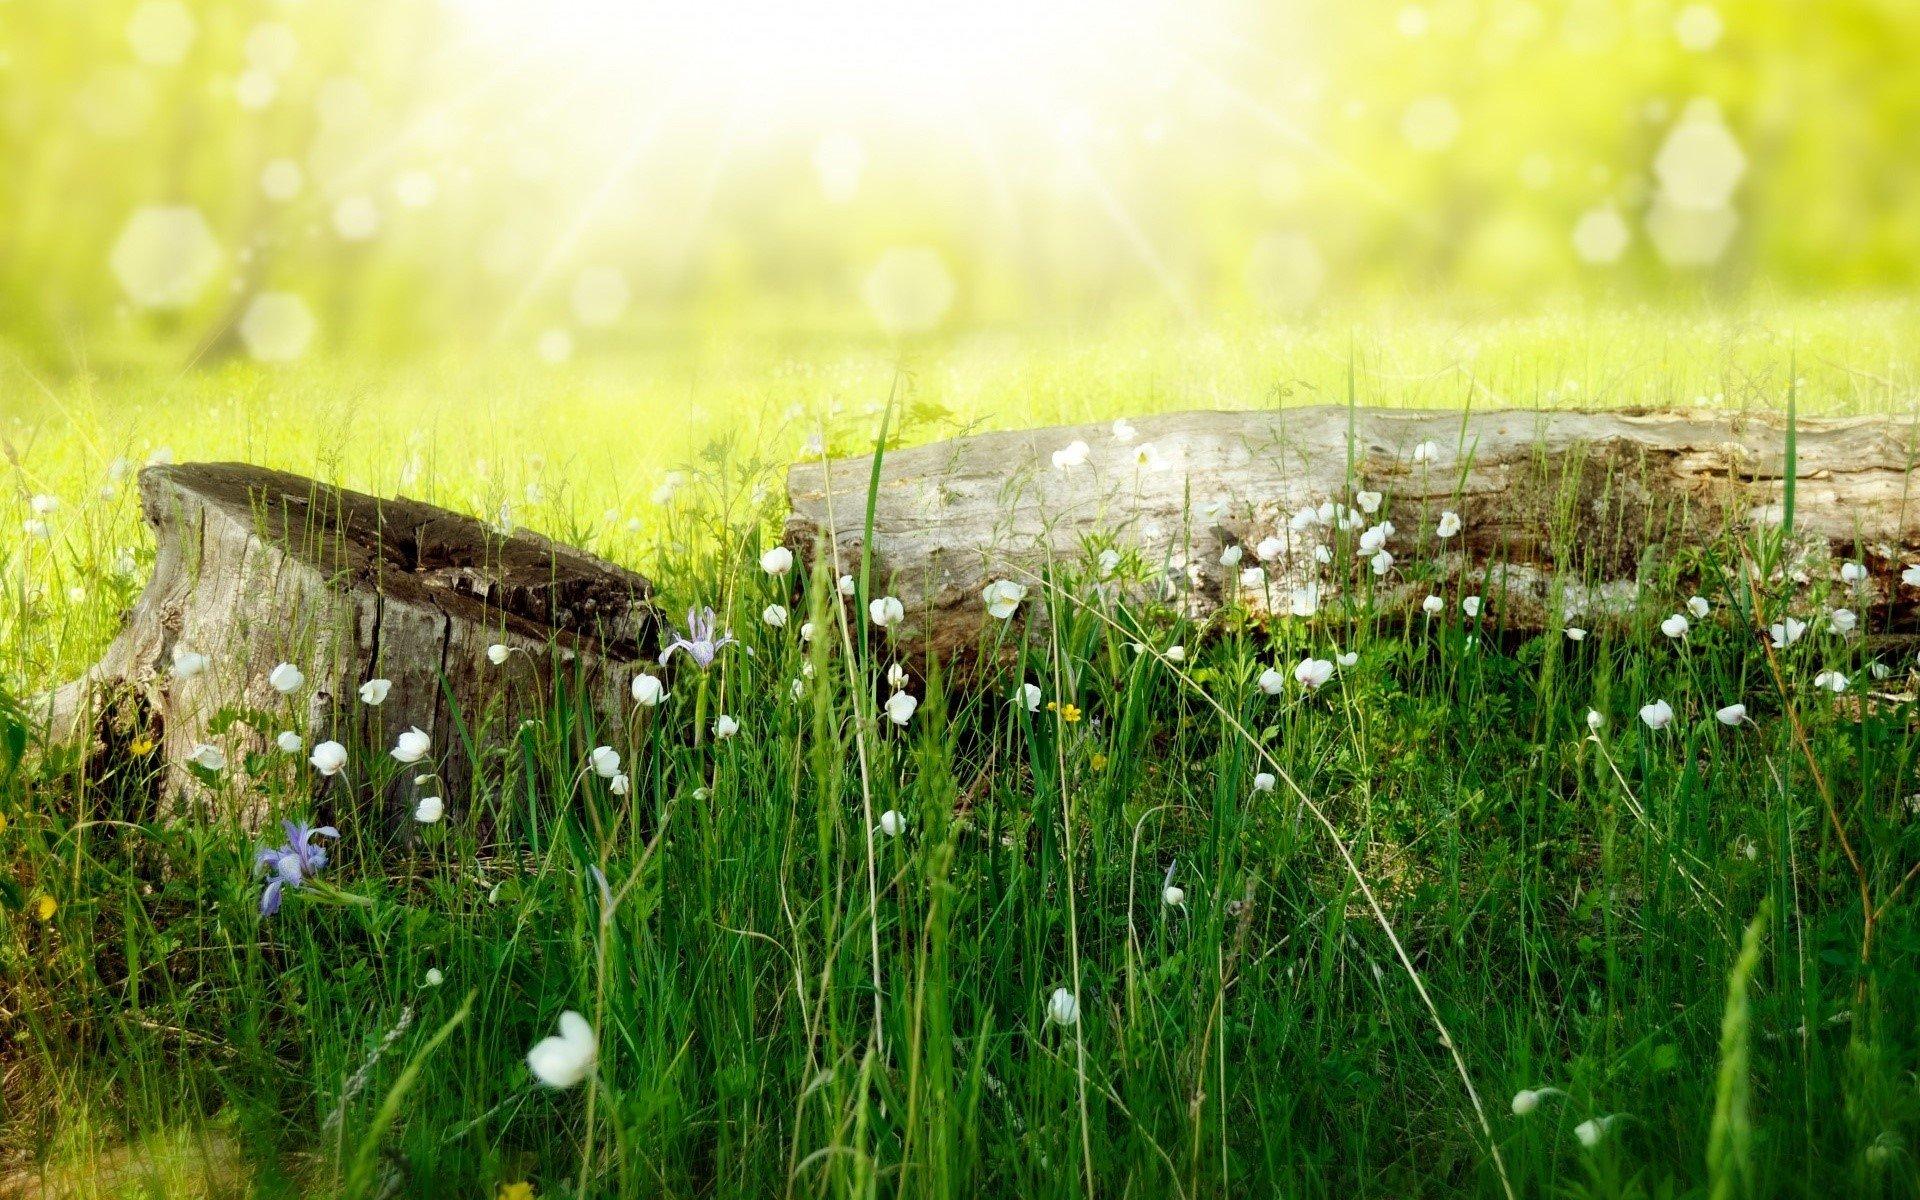 Fondo de pantalla de Un prado en verano Imágenes